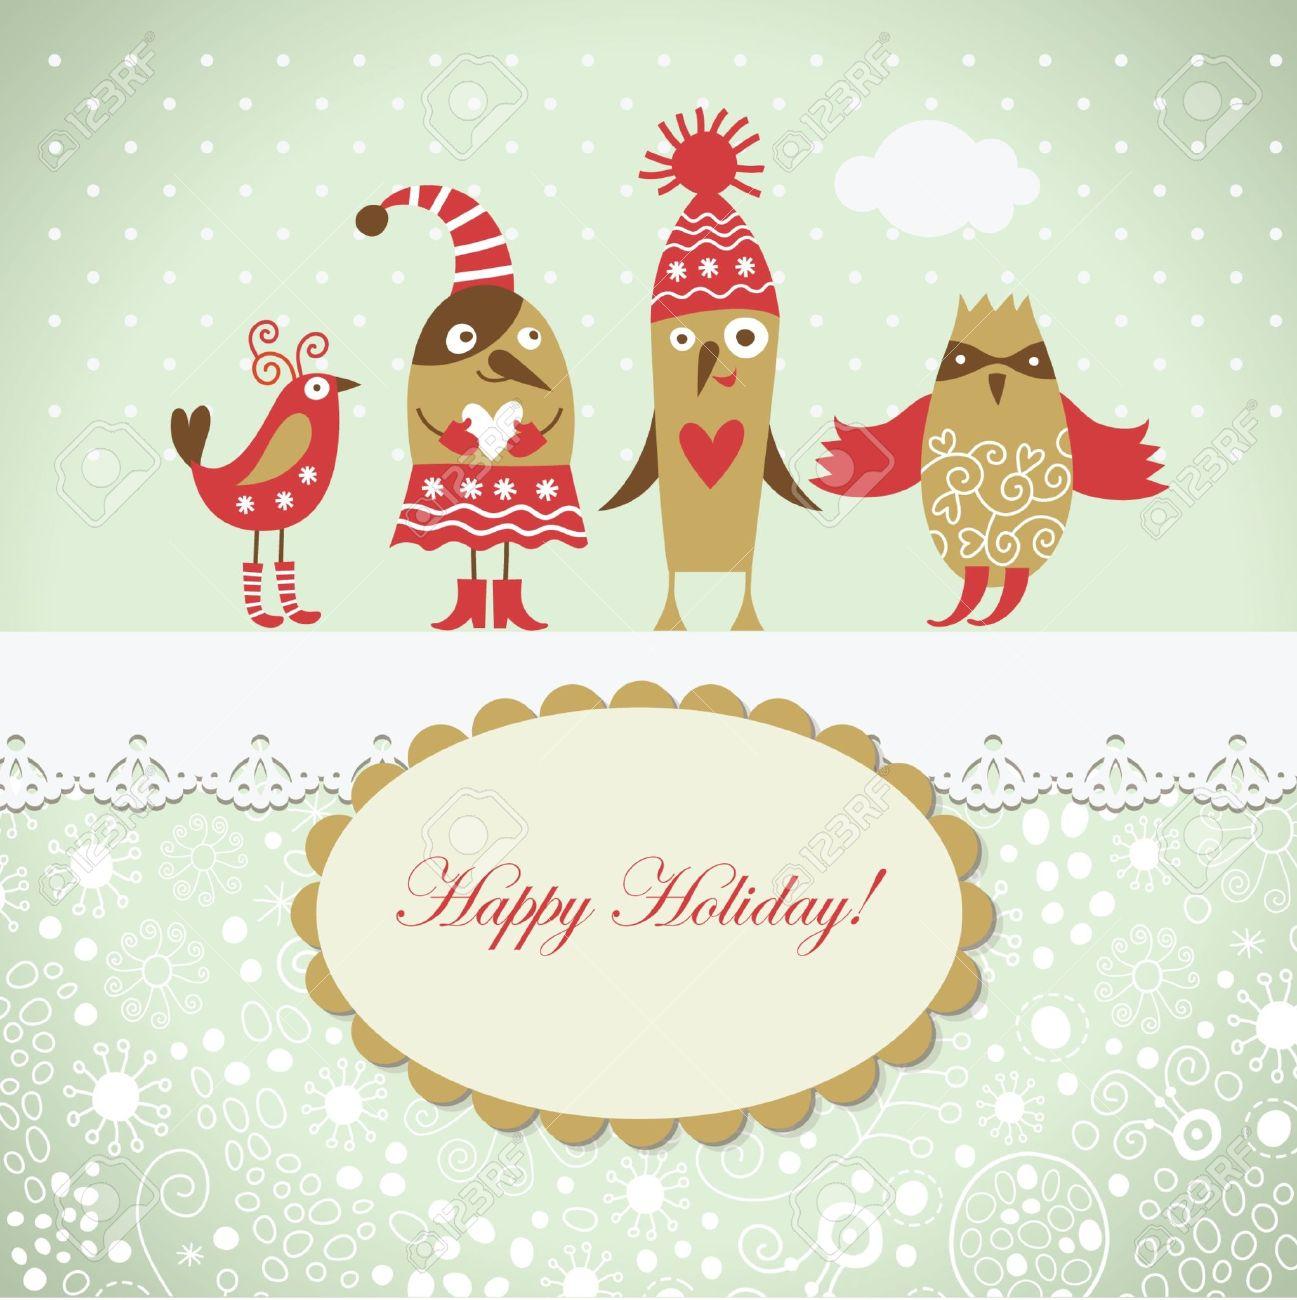 Christmas card with cute birds Stock Vector - 10570599